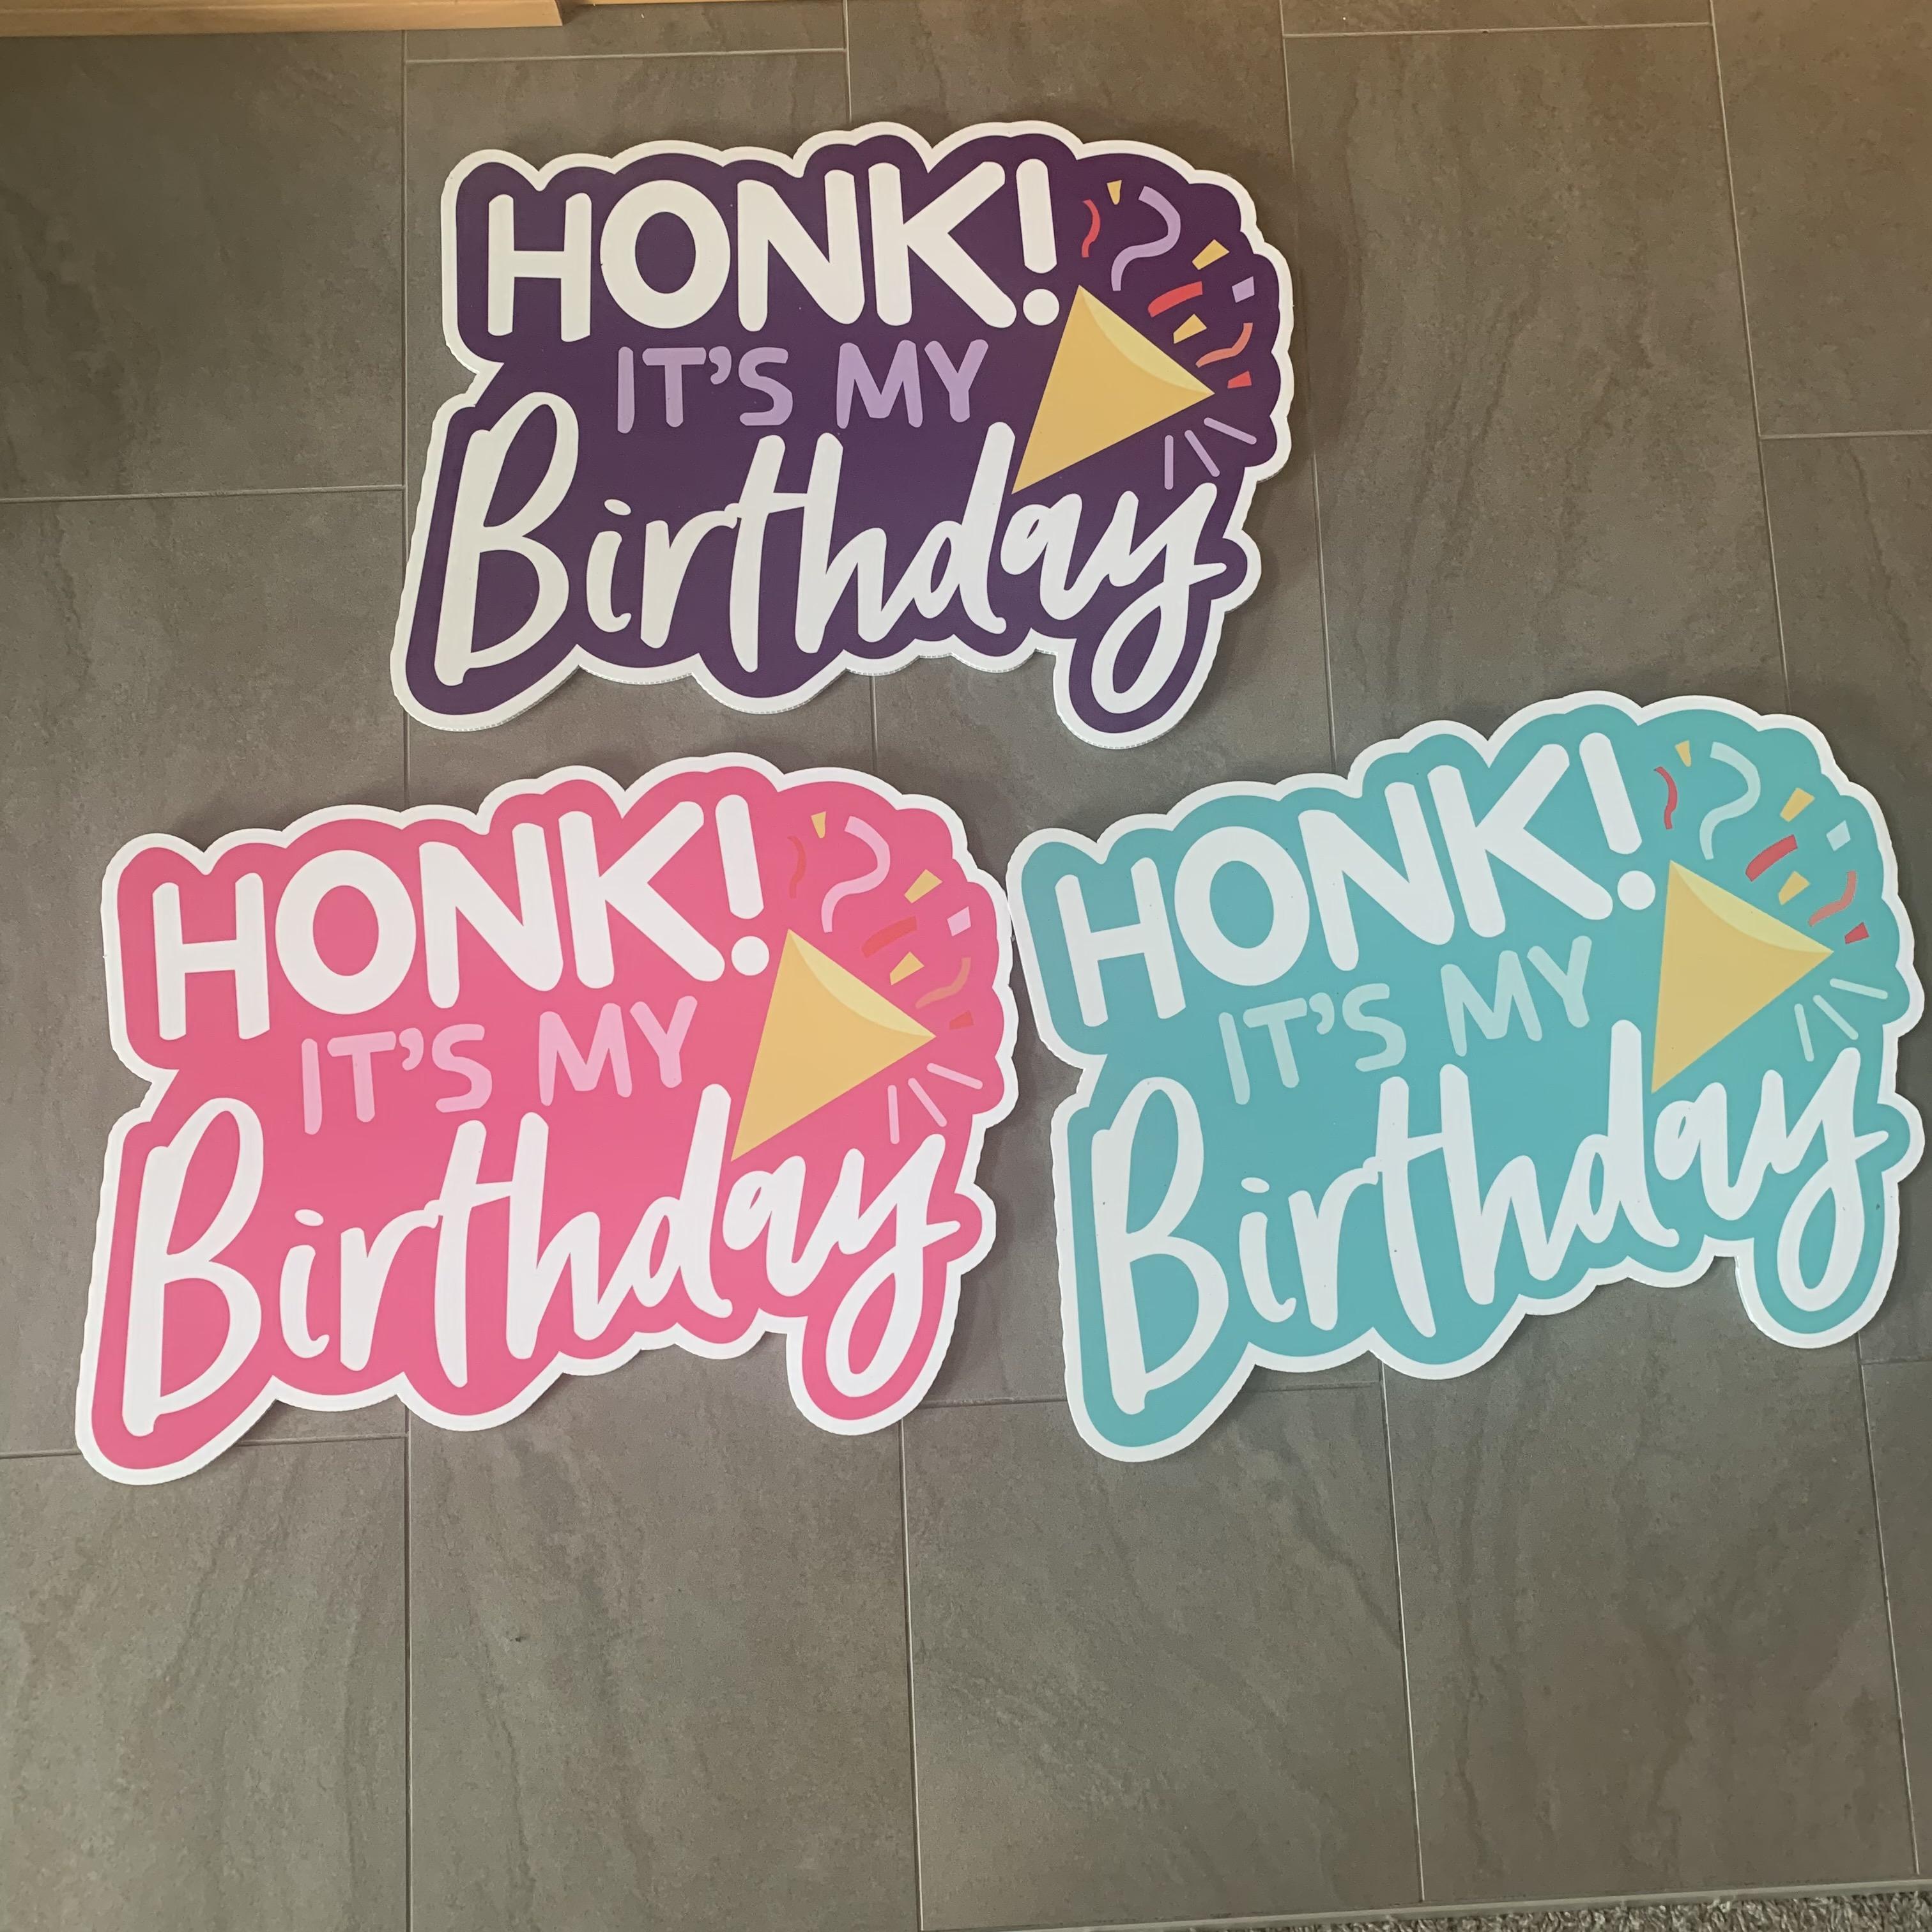 Honk it's my birthday!